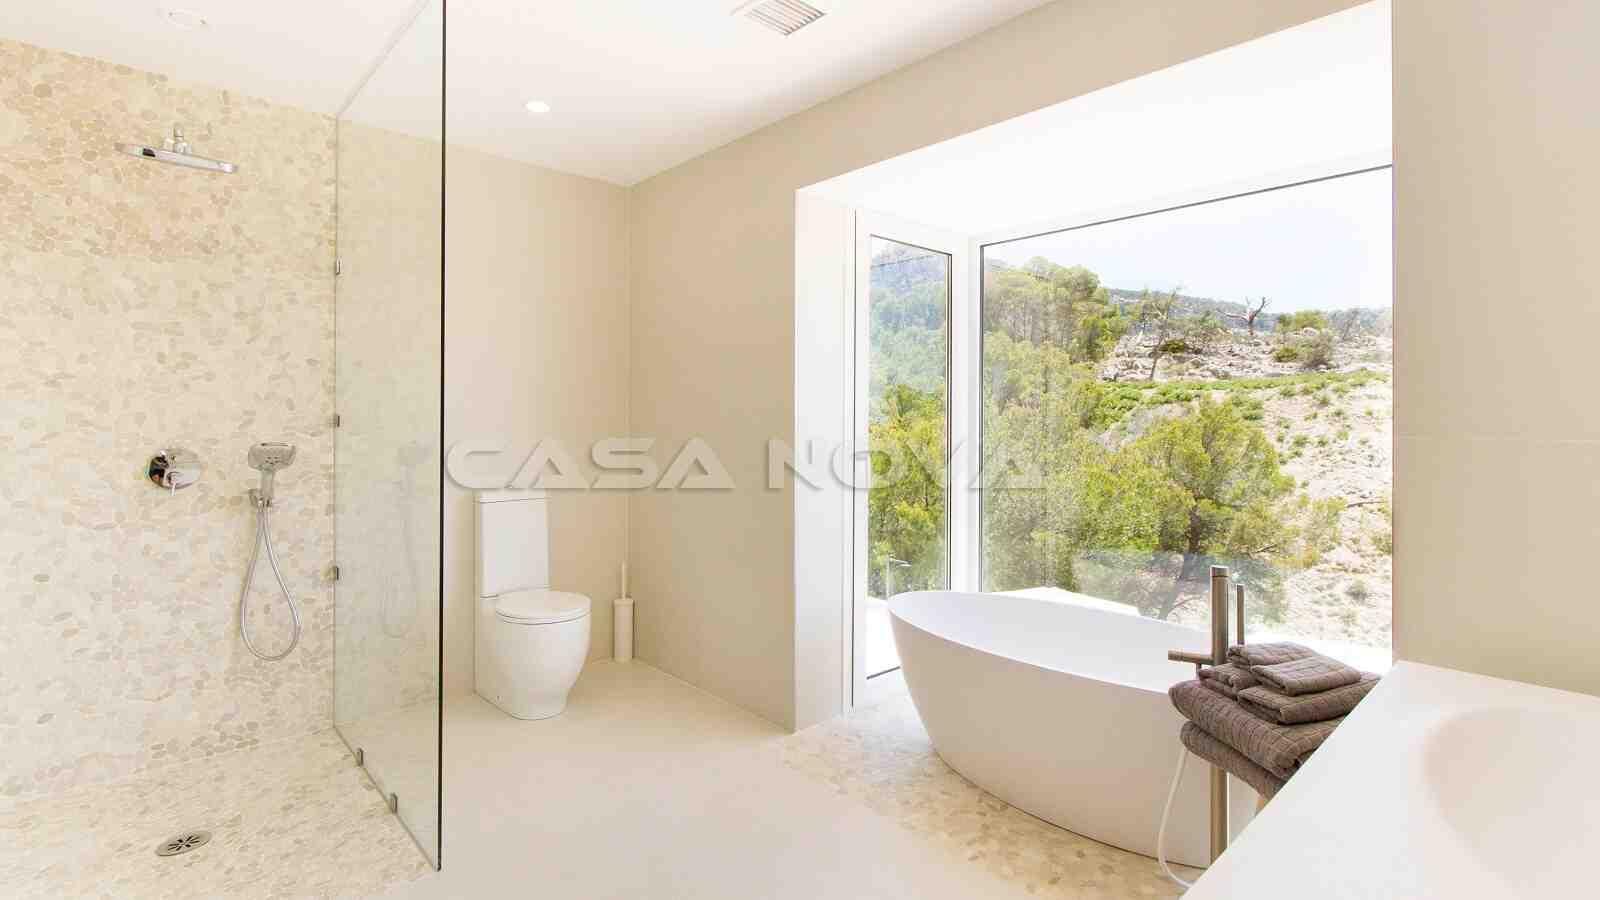 Prächtiges Badezimer mit Blick auf die Landschaft